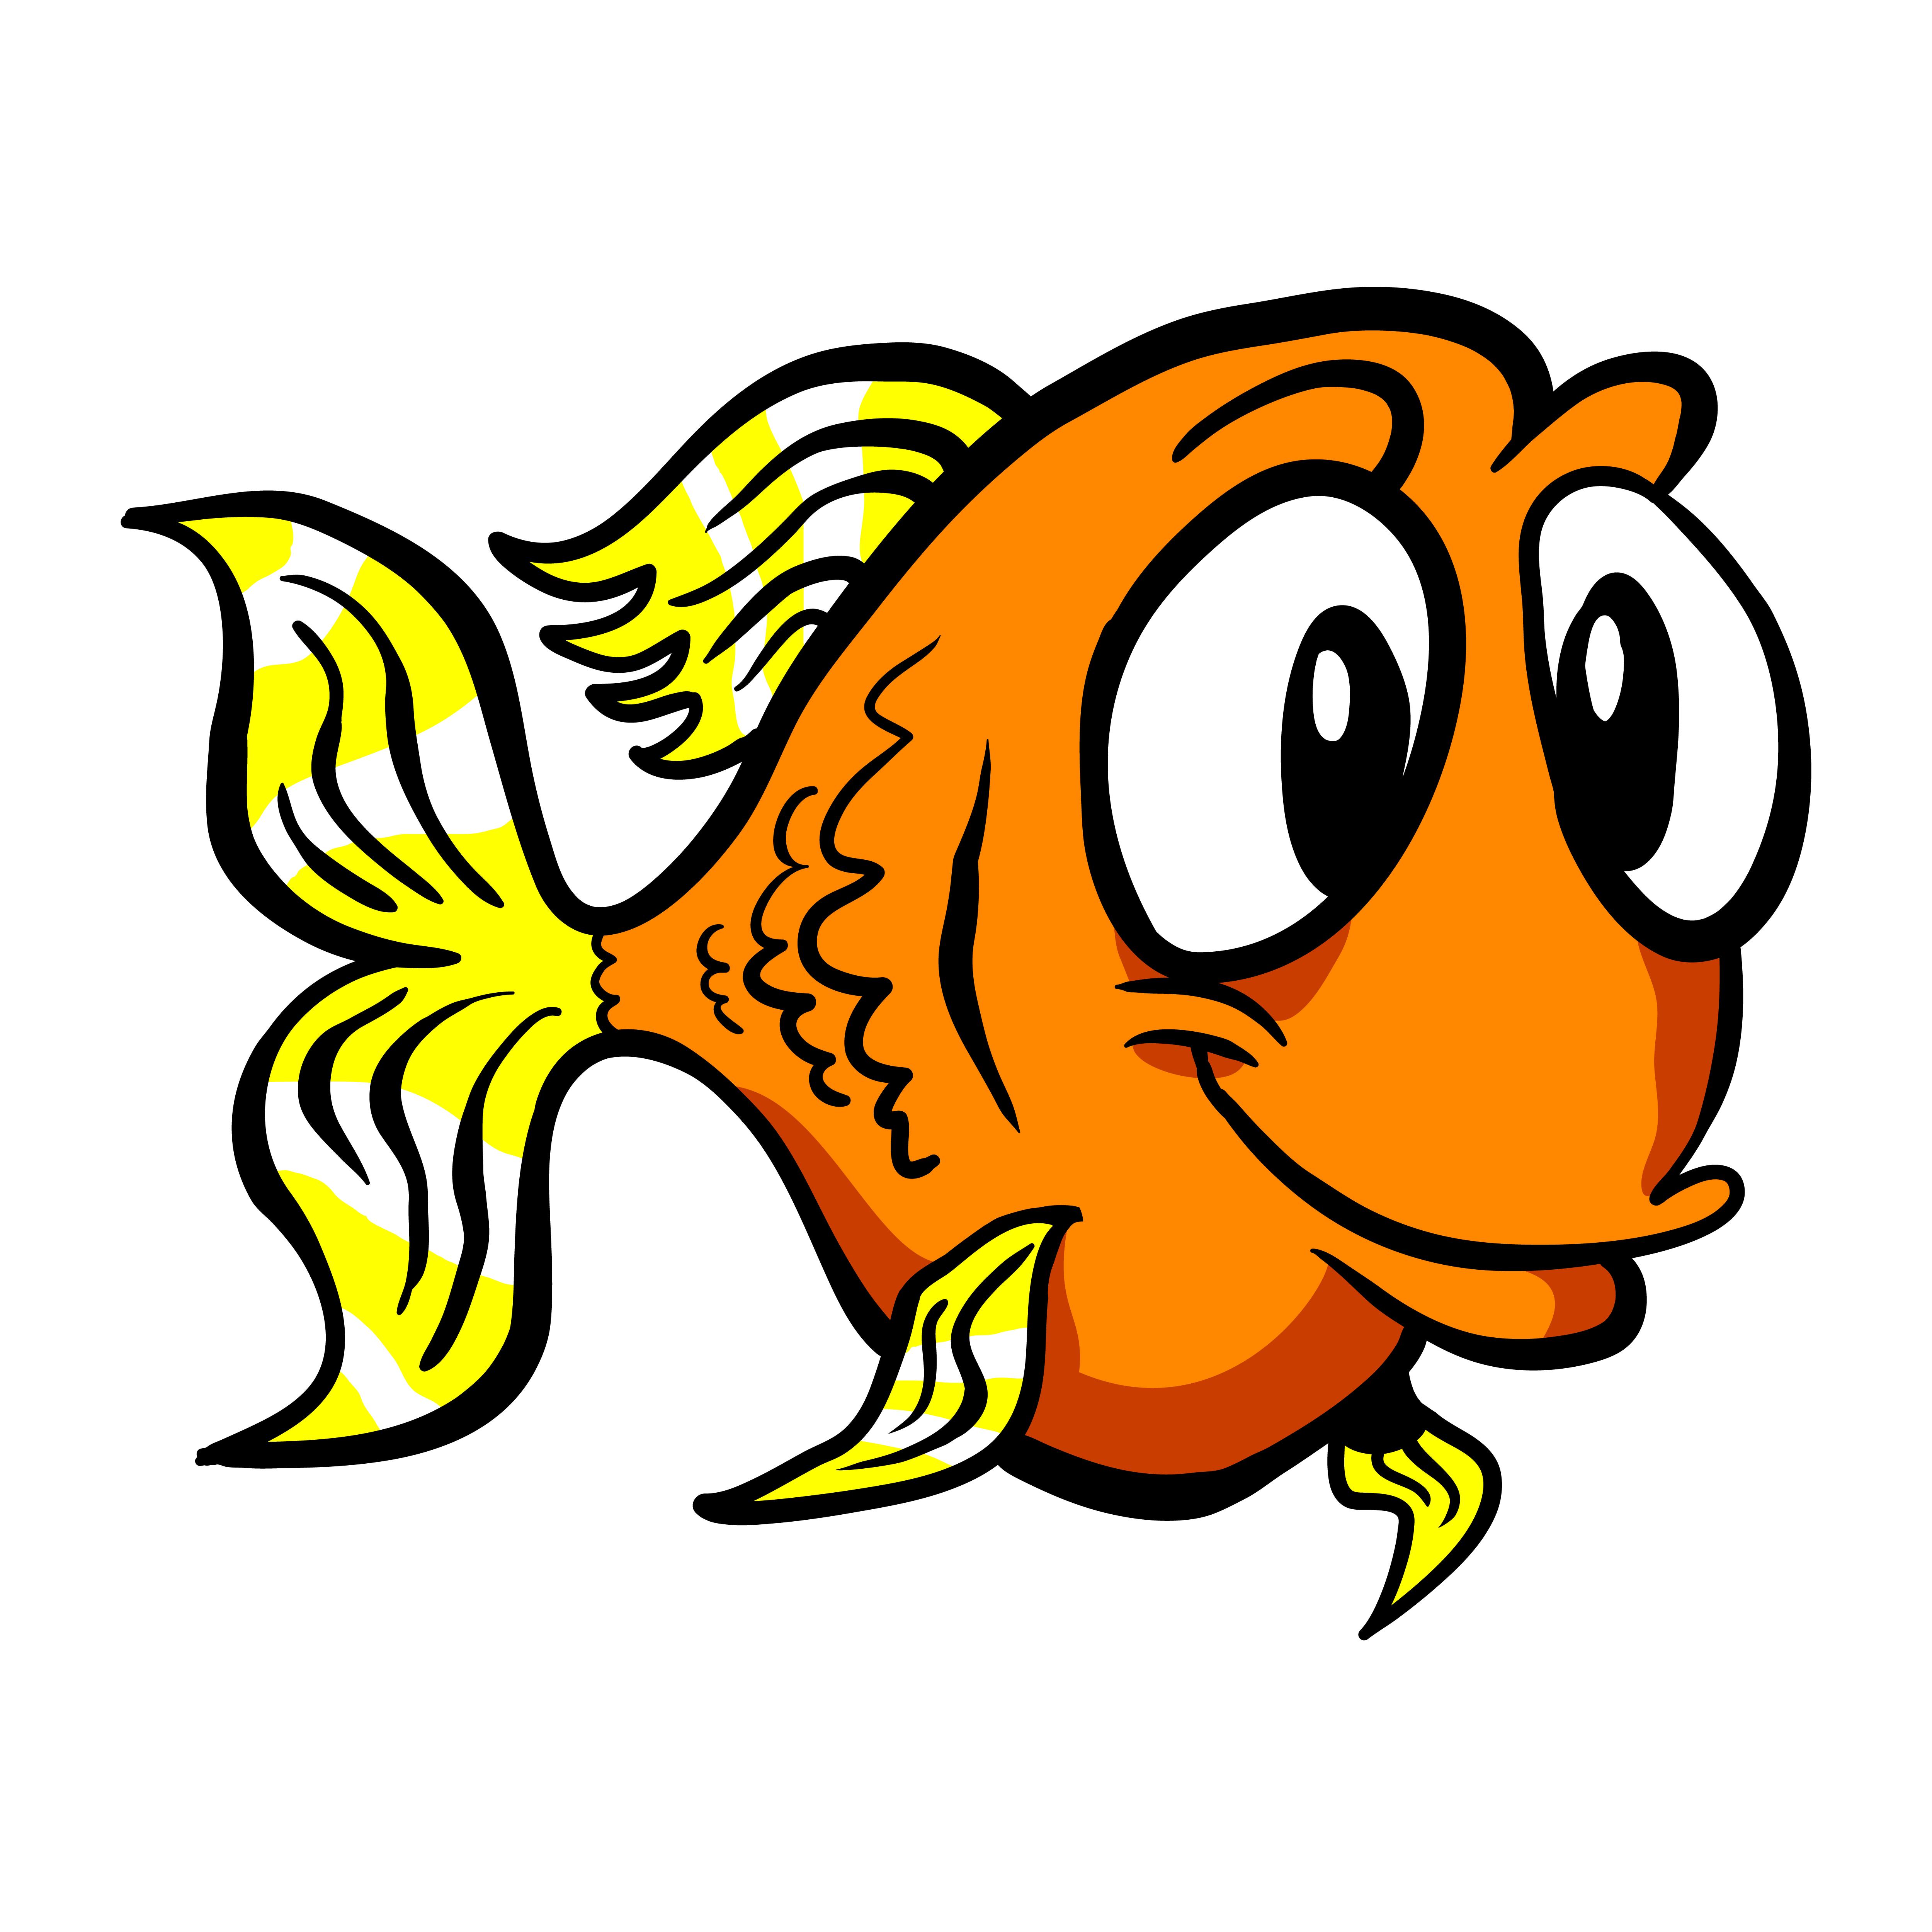 Icone De Vetor Dos Desenhos Animados De Peixinho Download